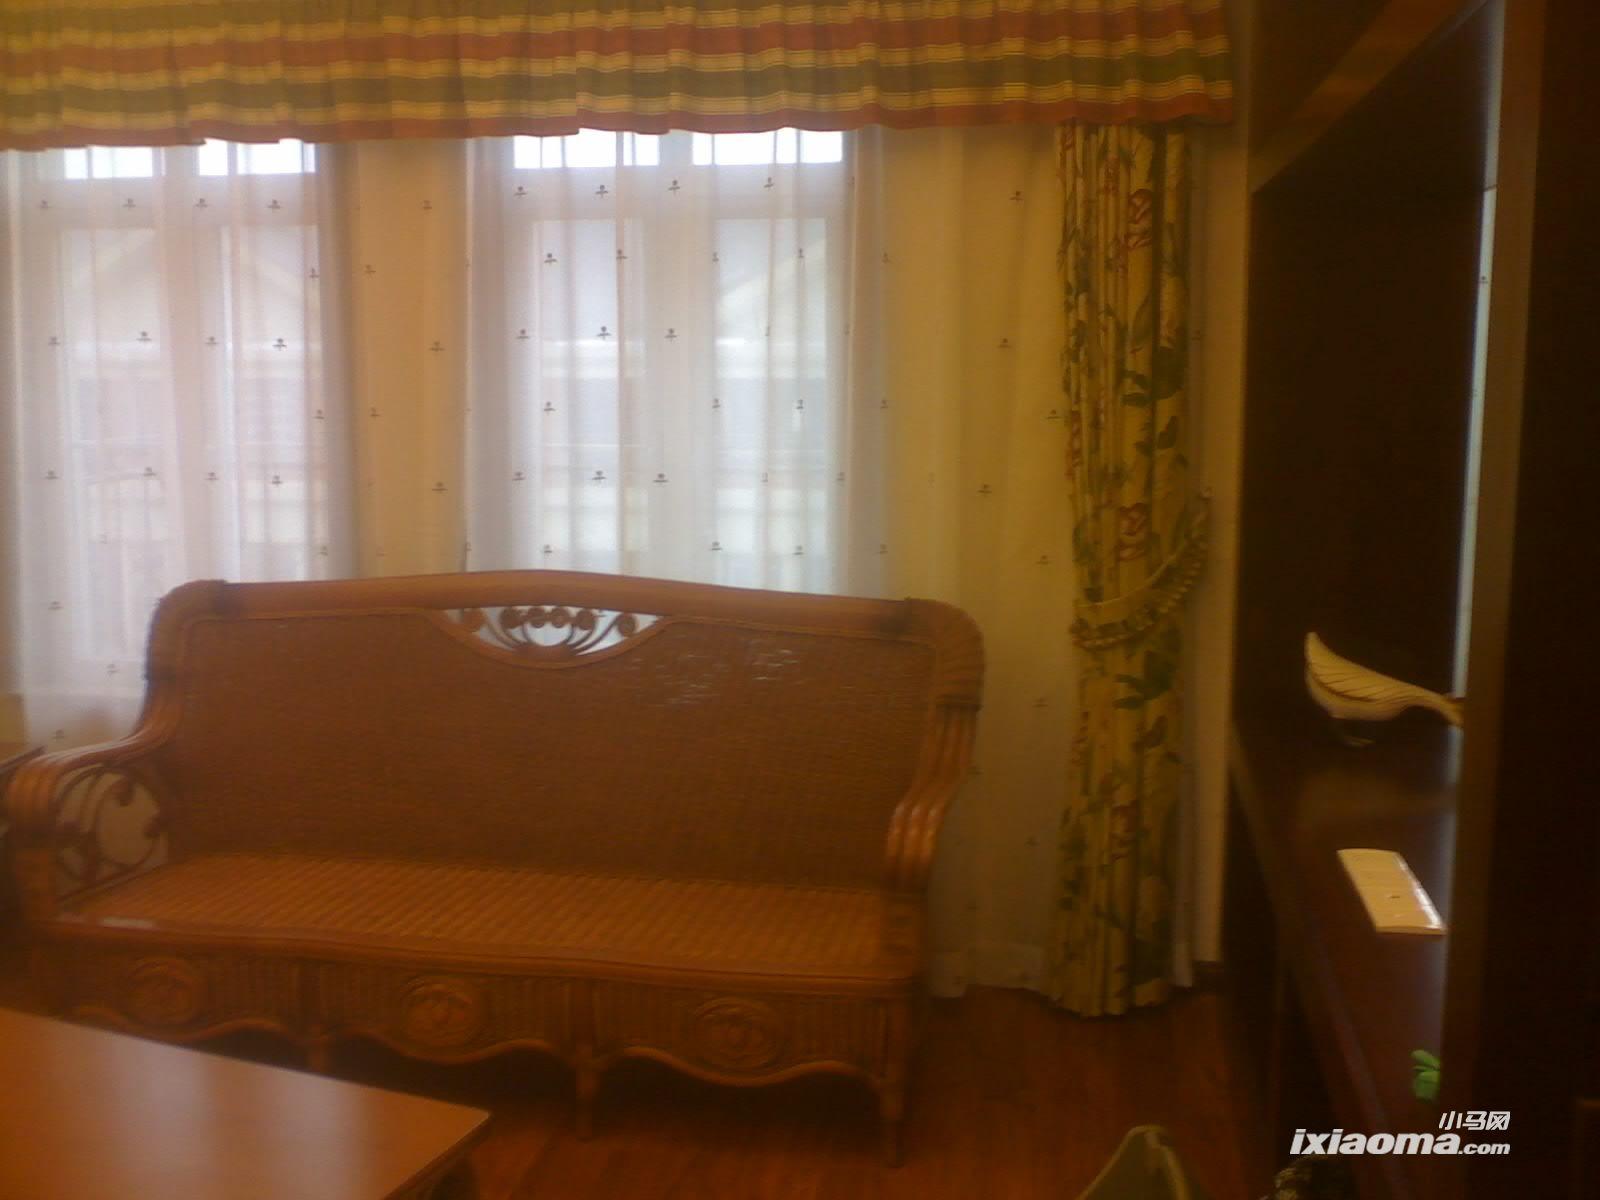 装修择吉日,日房装修效果,一间房32平装修效果,异型房装修效果